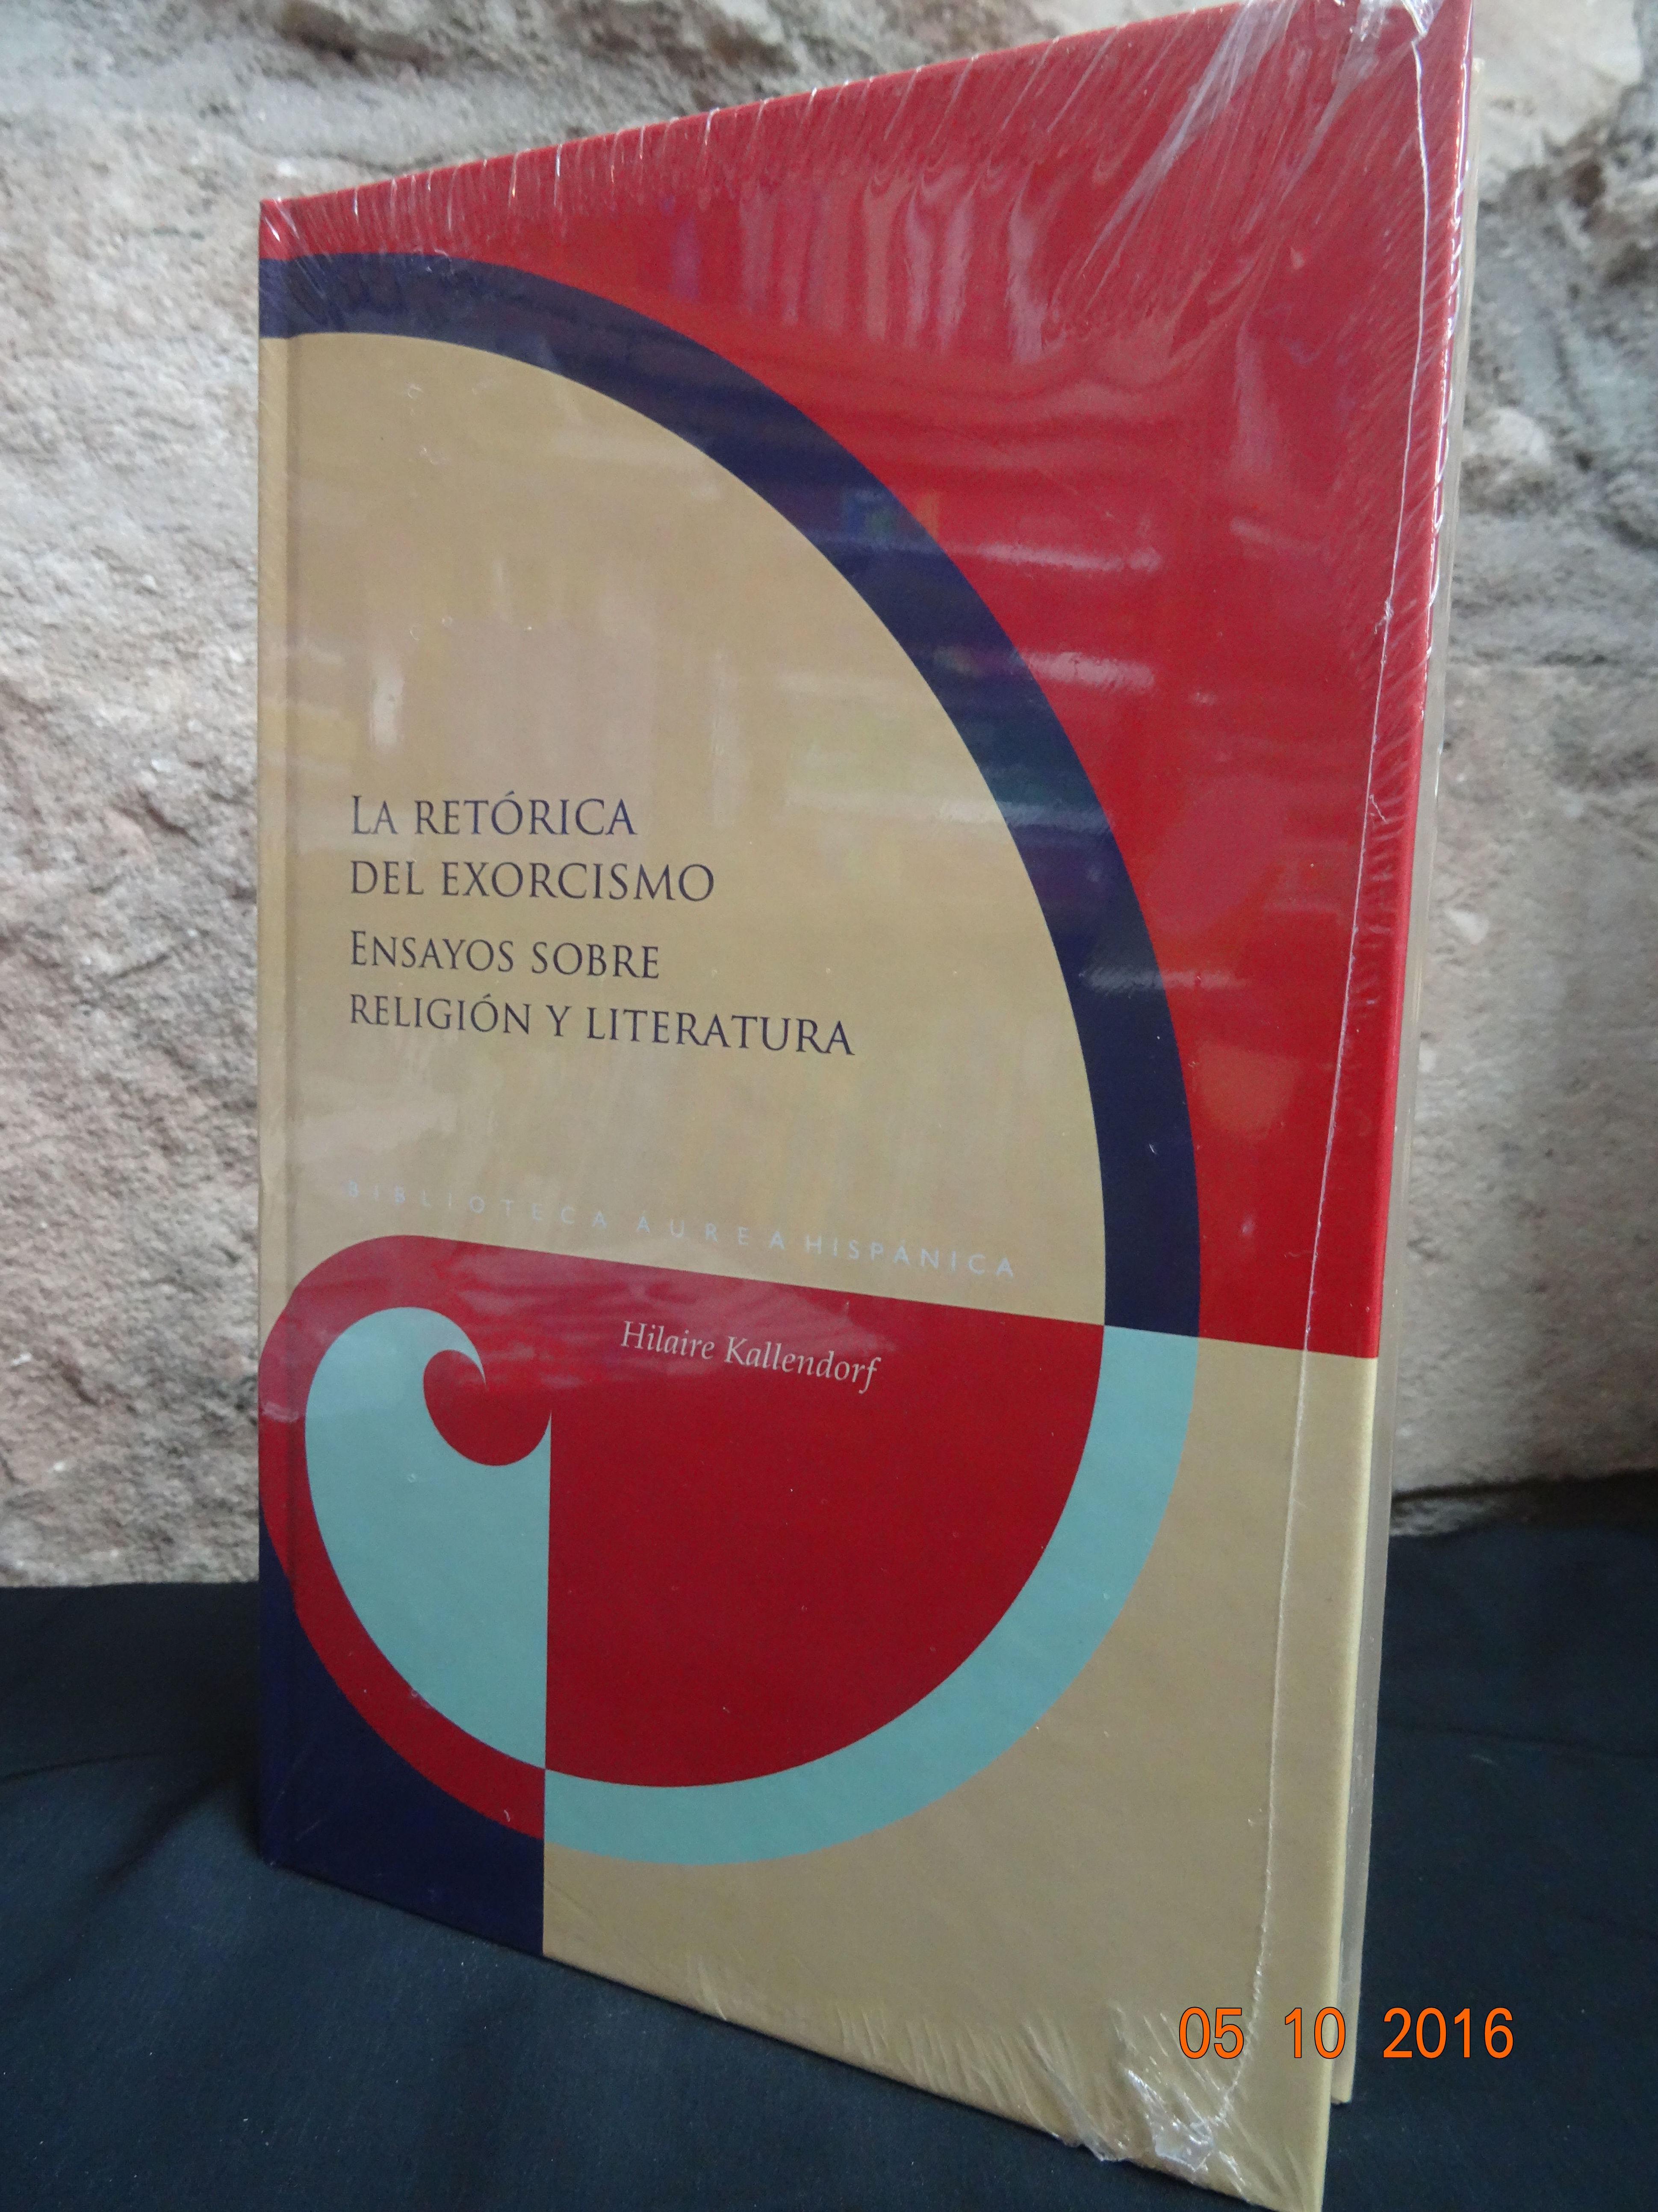 La retórica del exorcismo. Ensayos sobre Religióny Literatura: SECCIONES de Librería Nueva Plaza Universitaria